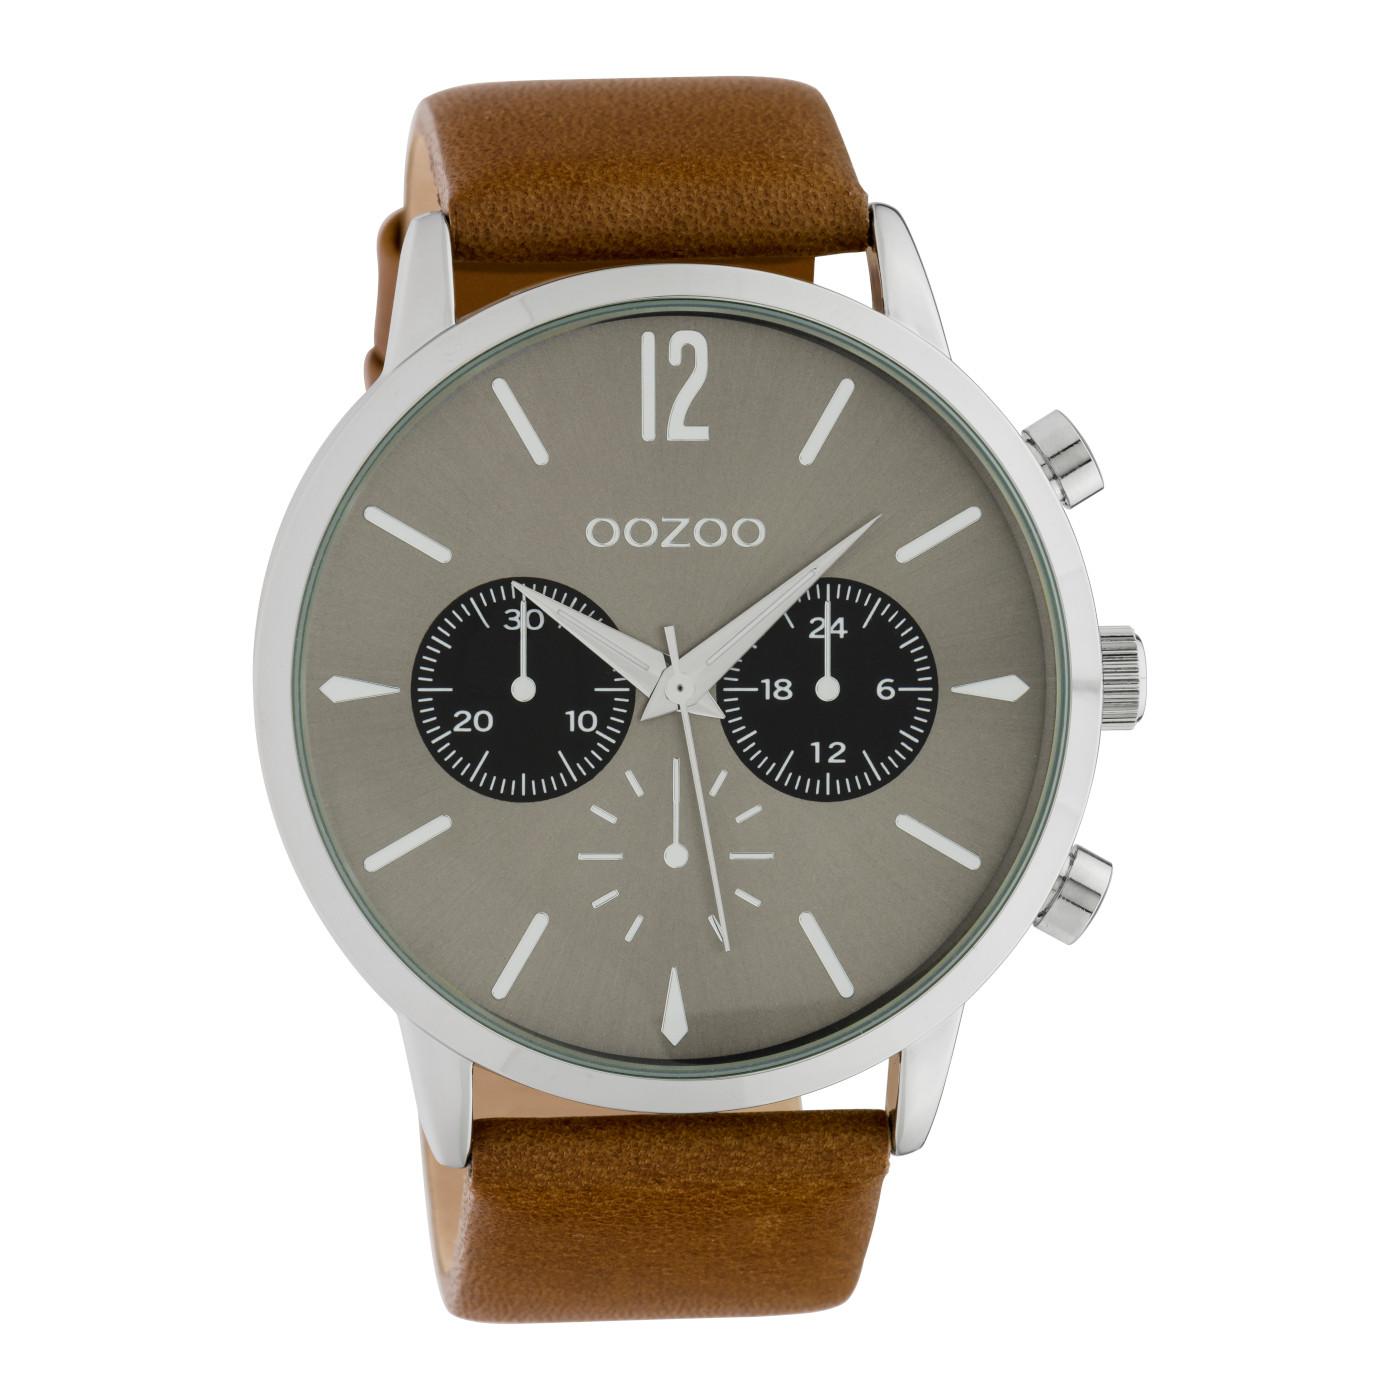 OOZOO Timepieces Bruin/Grijs horloge C10357 (48 mm)